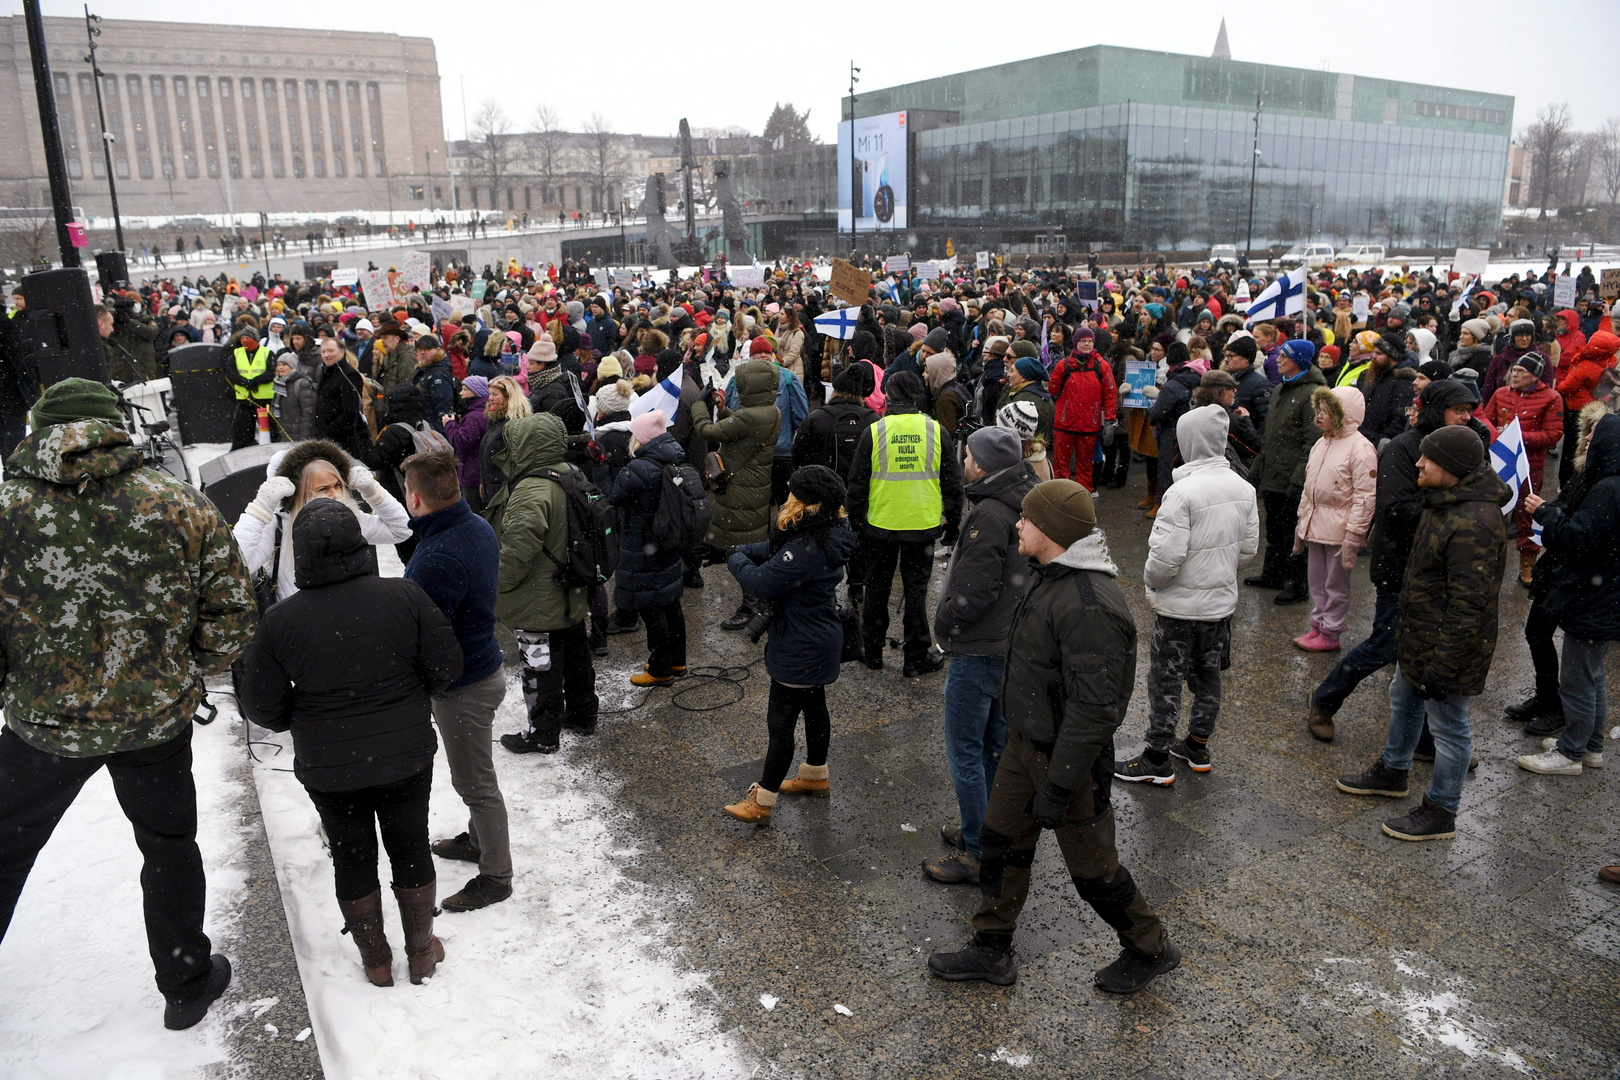 مظاهرا في هلسنكي احتجاجا على القيود المفروضة من قبل الحكومة الفنلندية بسبب جائحة كورونا